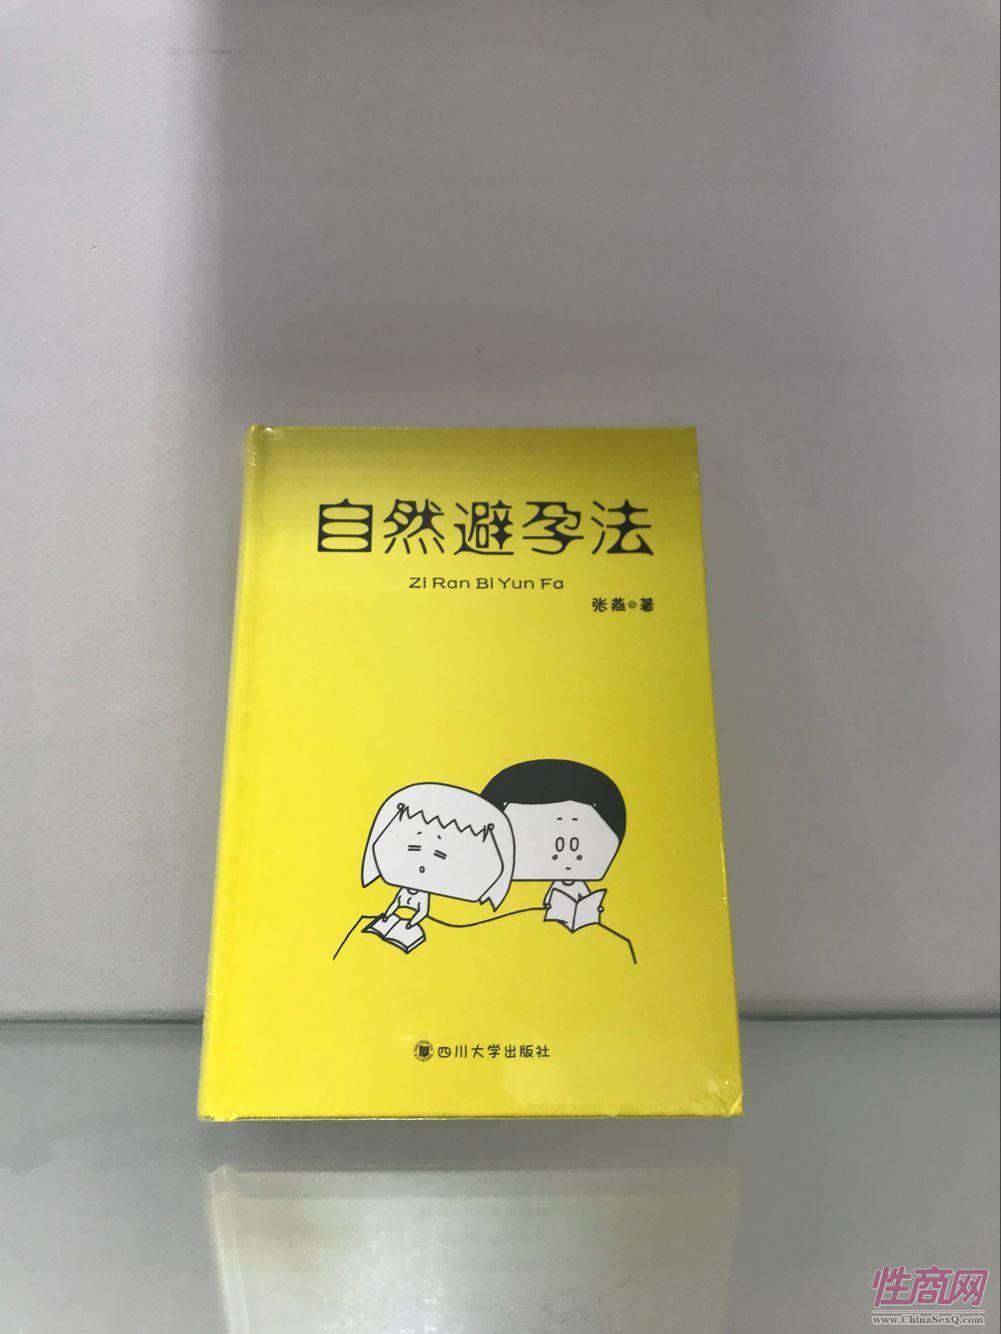 18灌云情趣用品展:展会现场 (63)